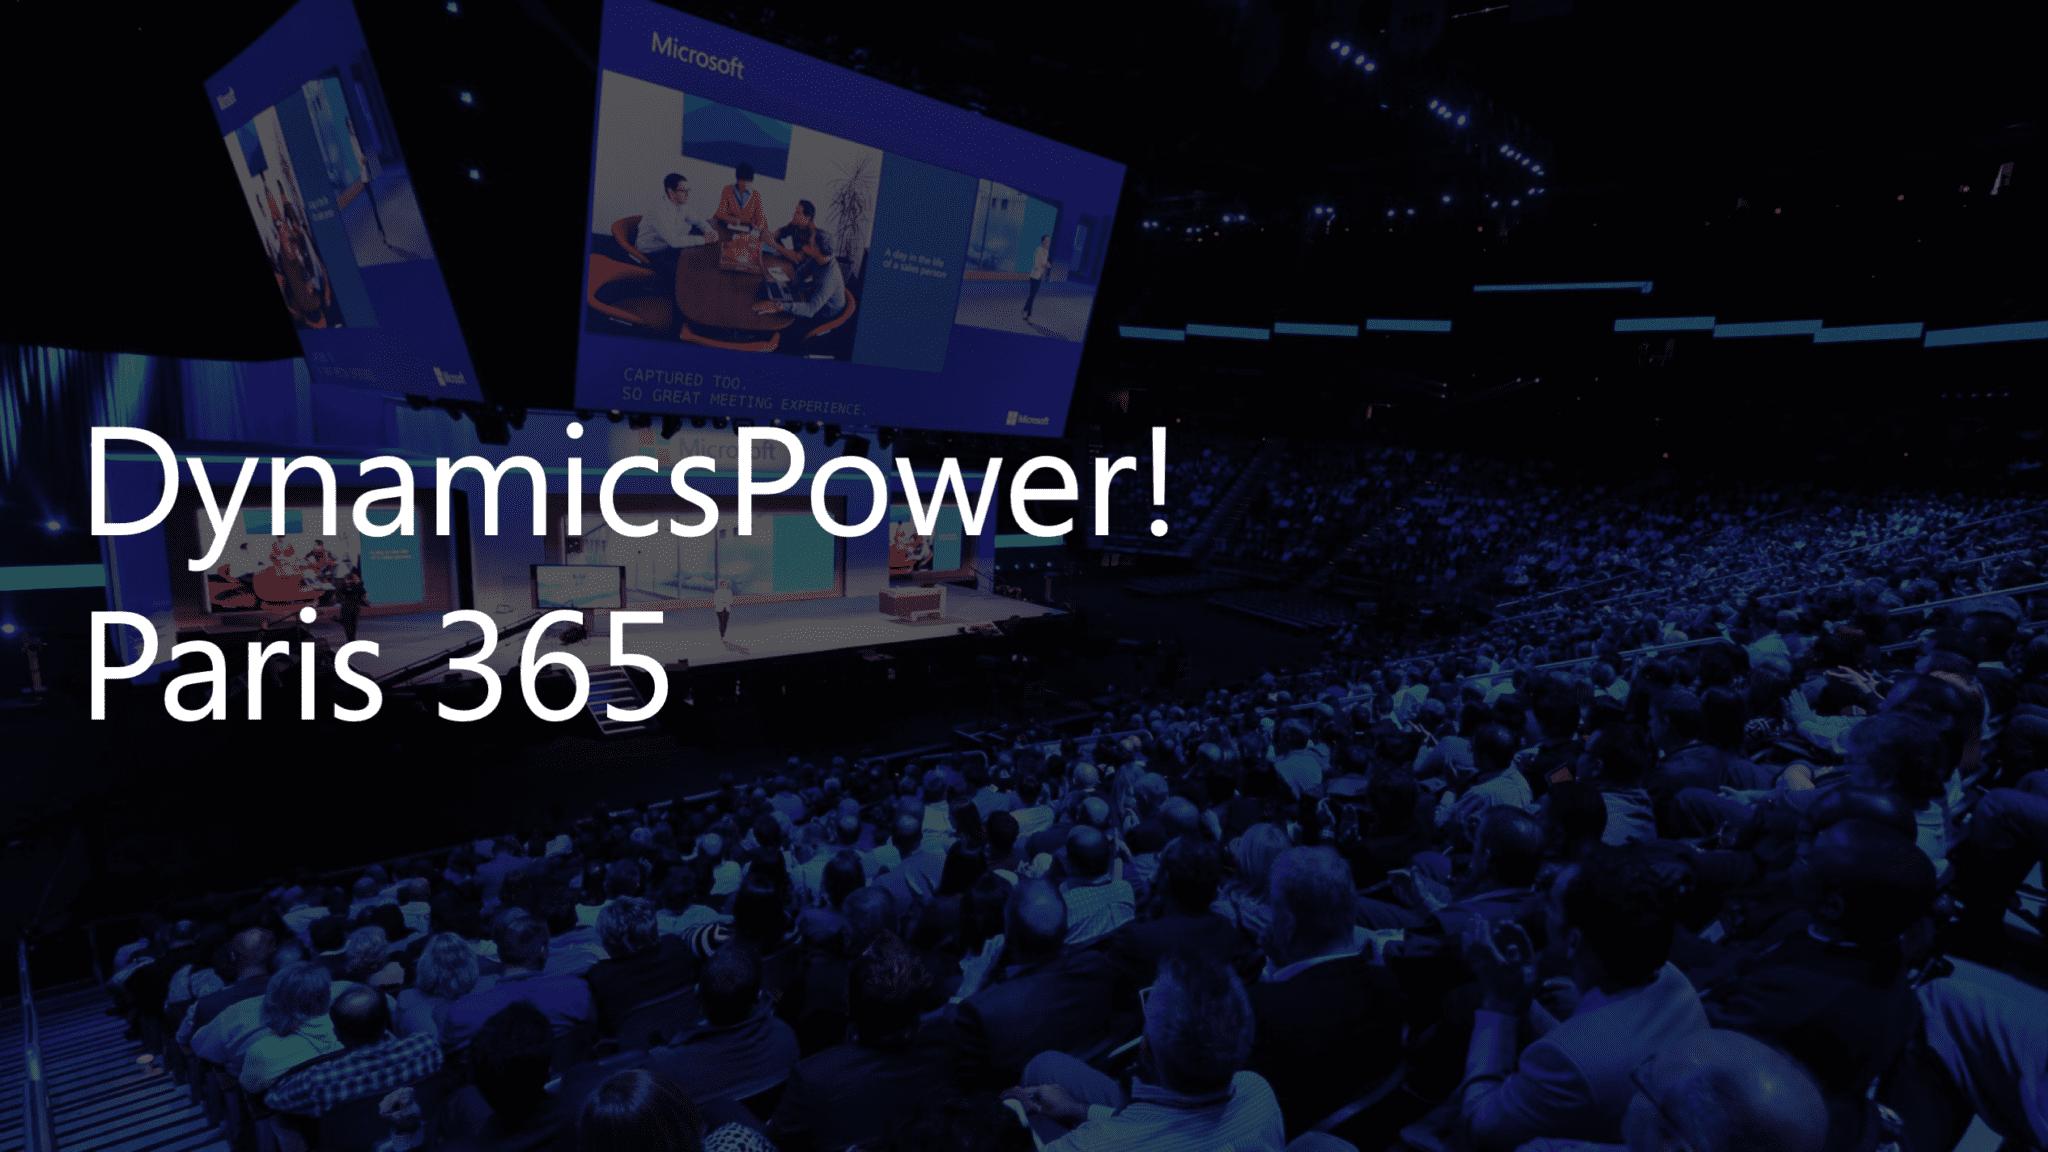 DynamicsPower! Paris 365